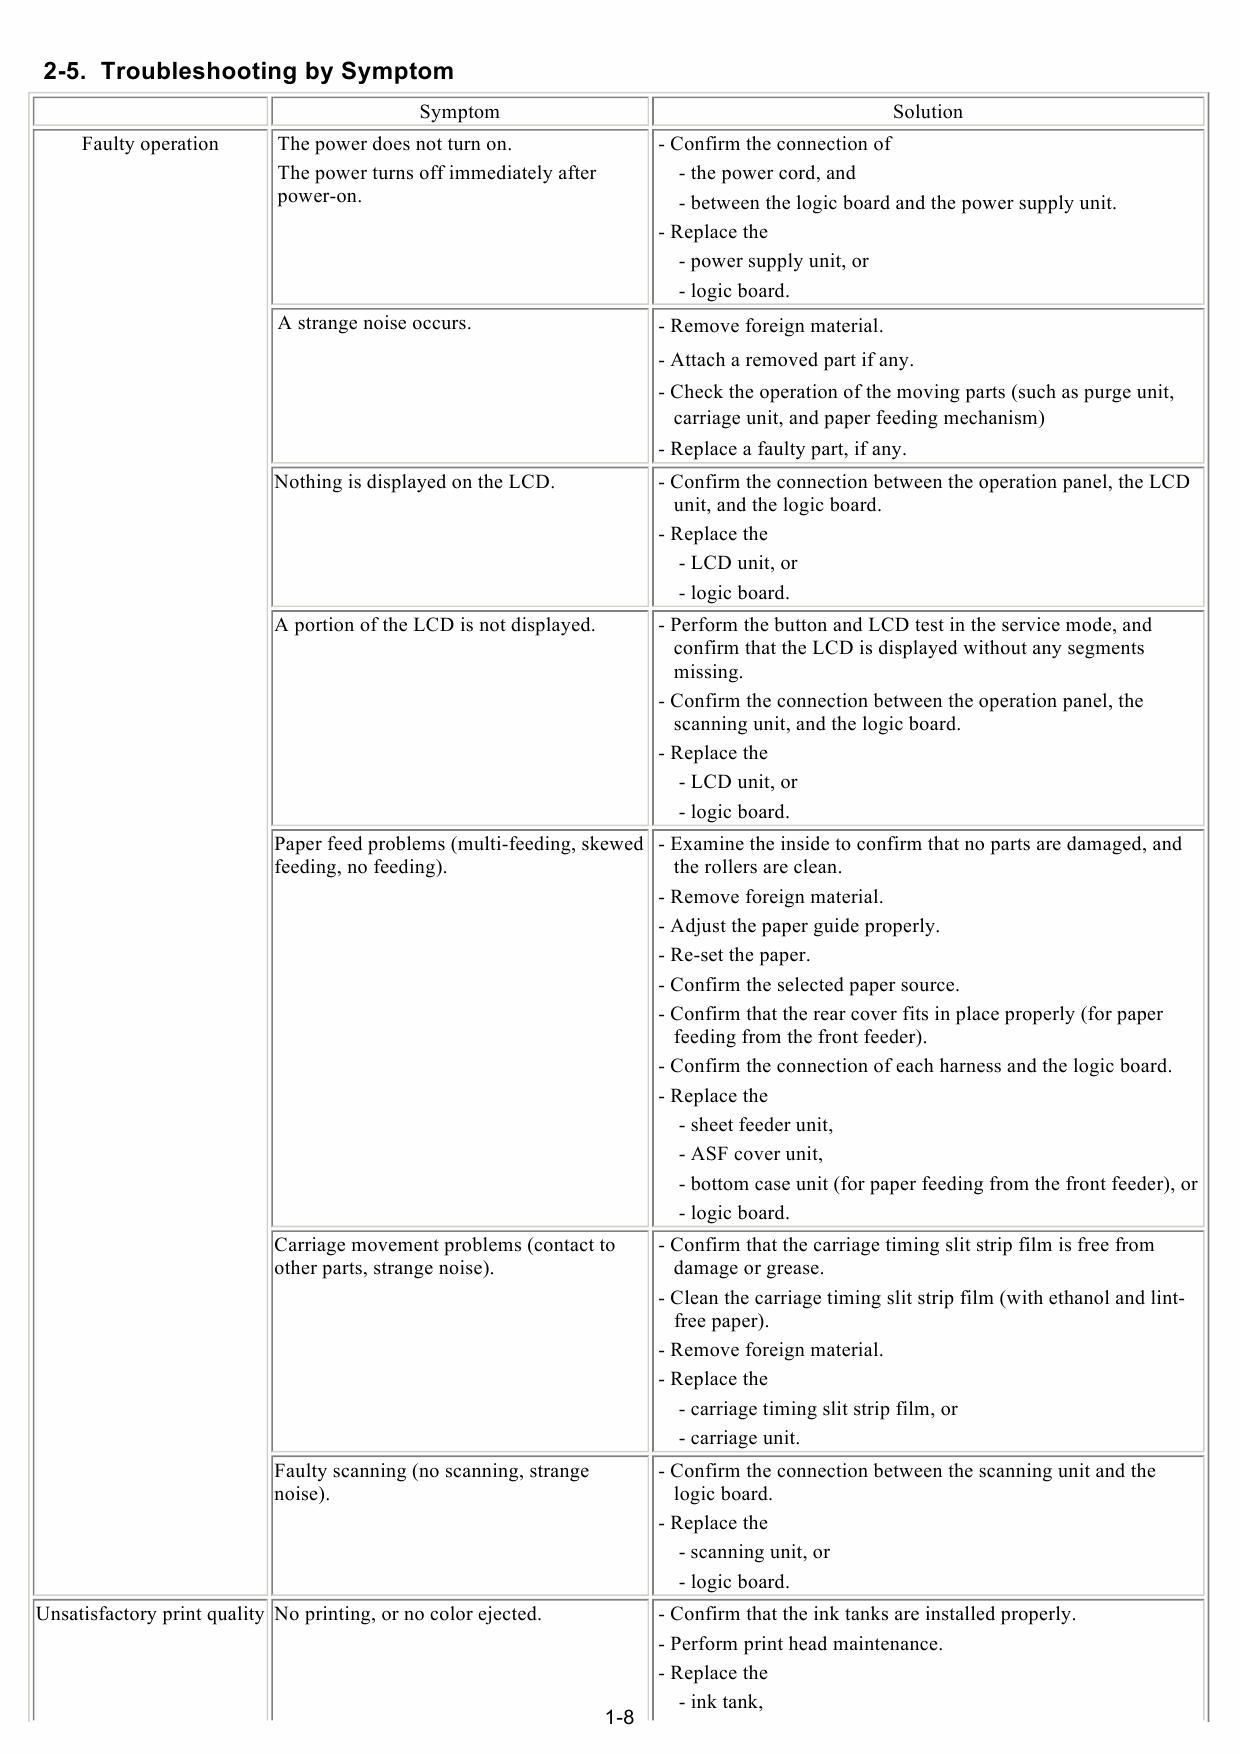 Canon PIXMA MP510 Service Manual-3